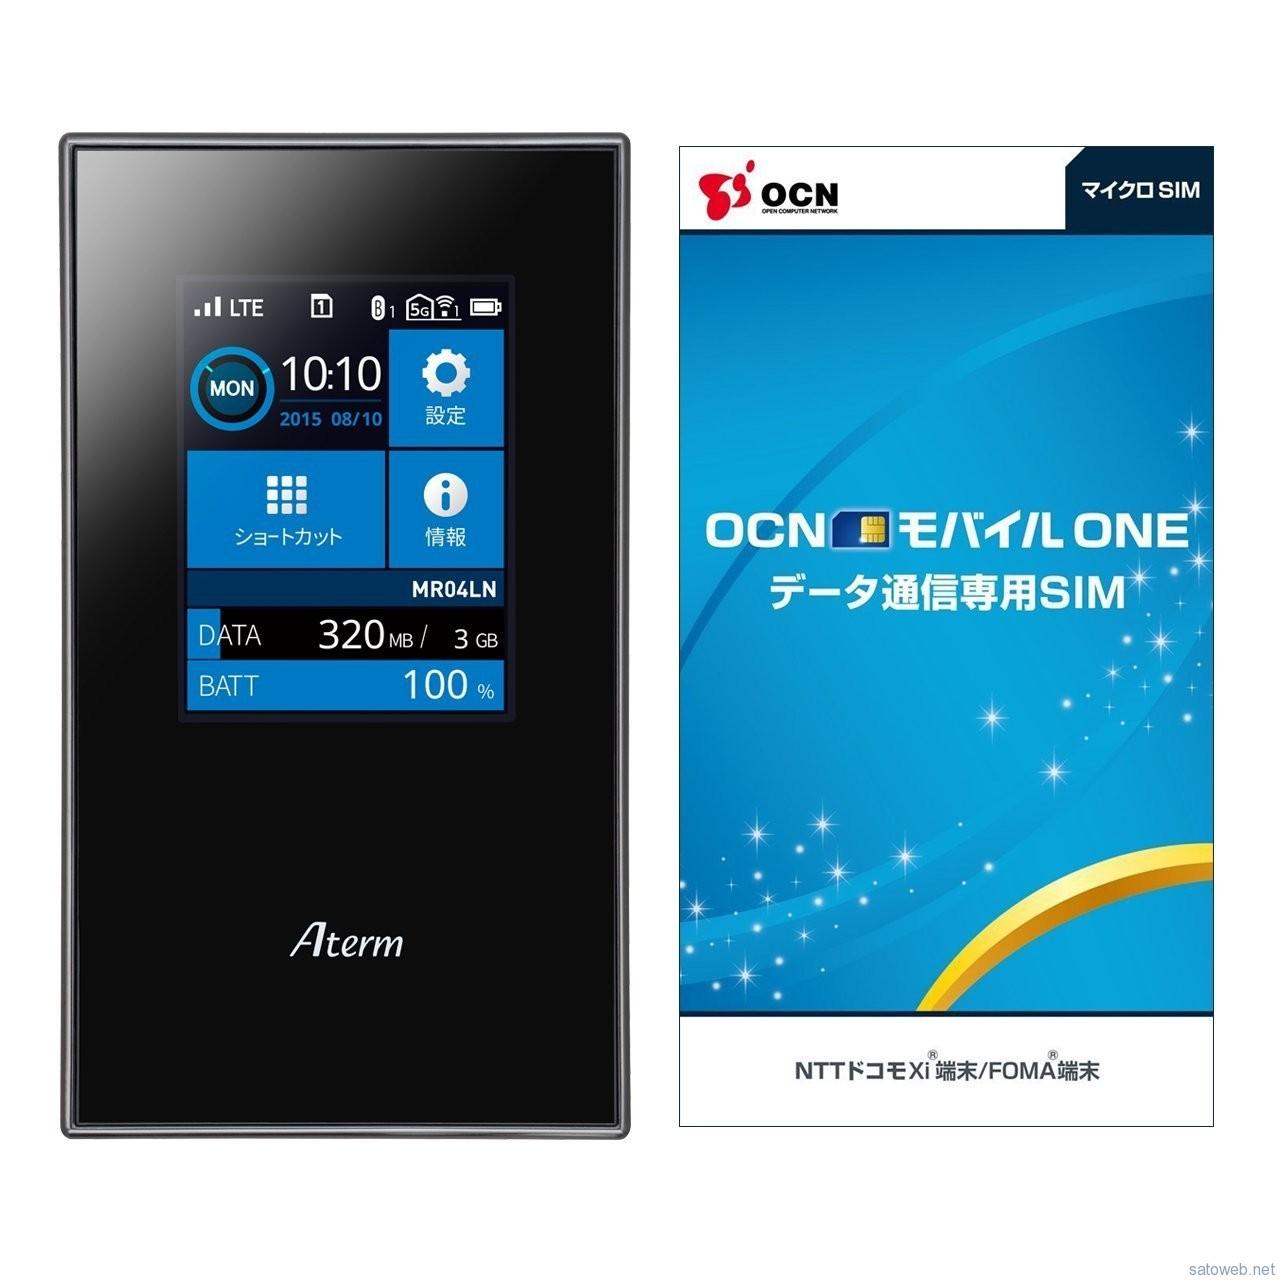 NEC Aterm MR04LN 3B LTE対応 モバイルルーター がタイムセール特価で16,500円也